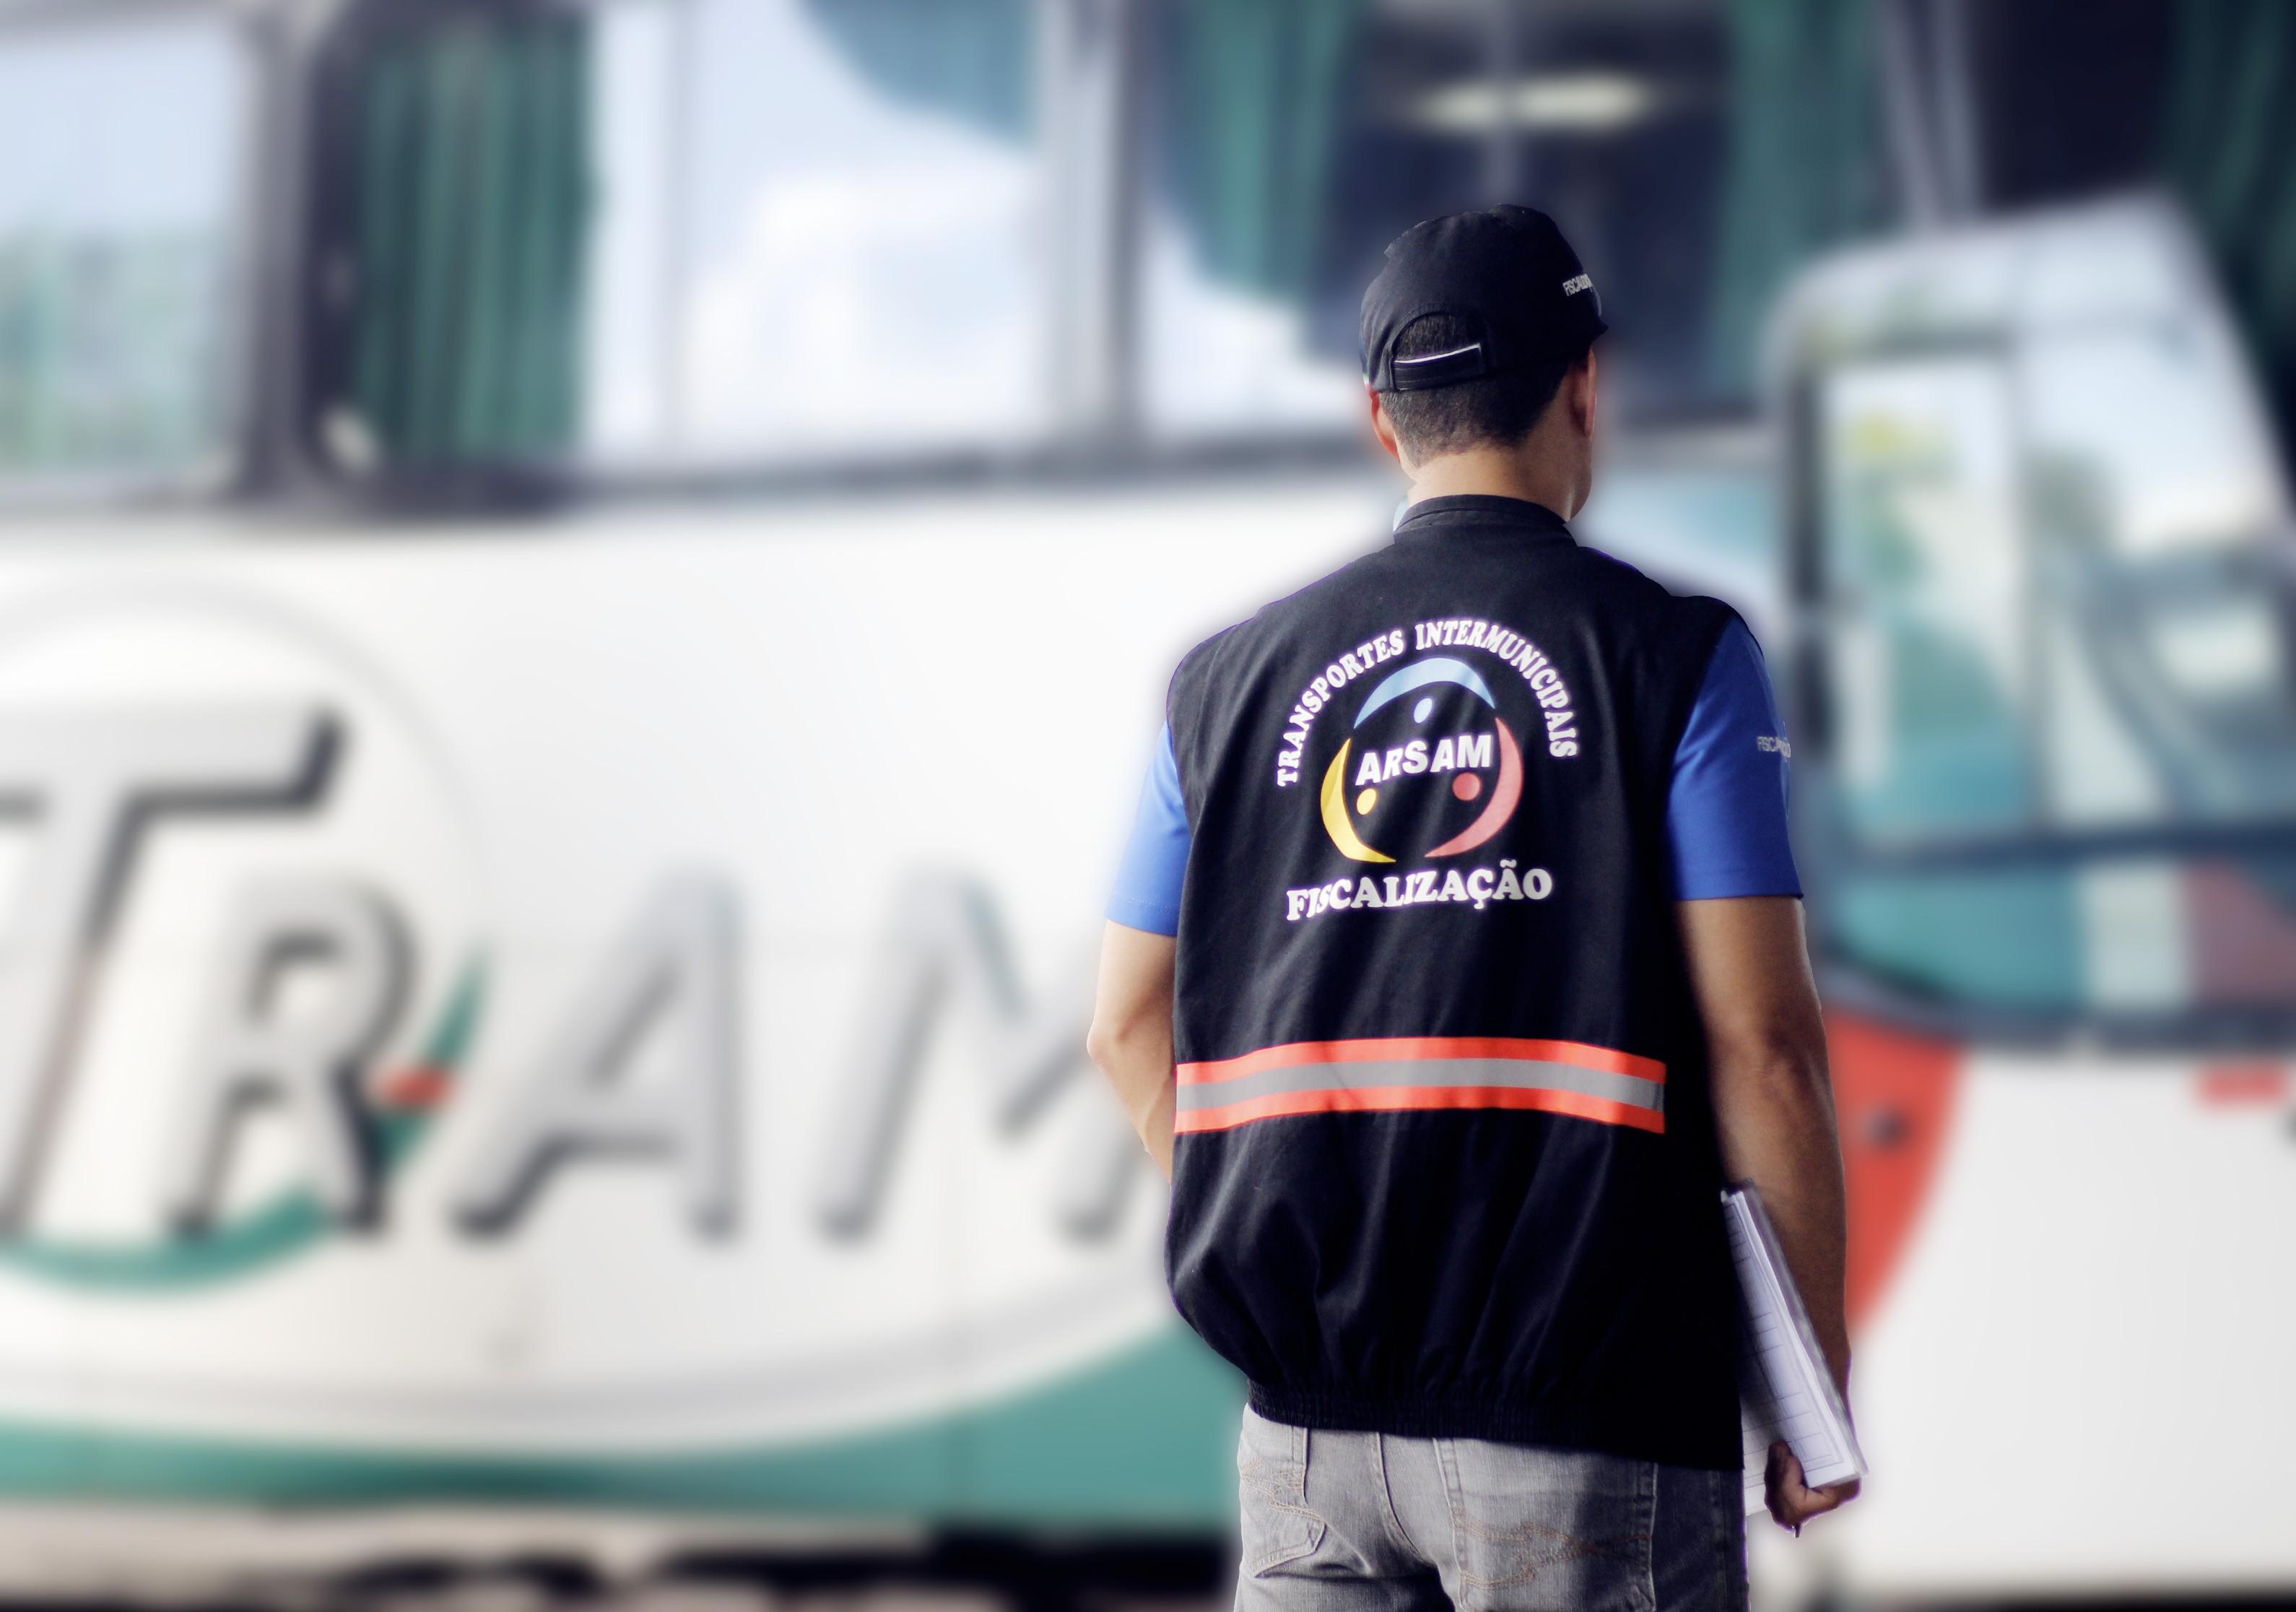 Feriado tem fiscalização intensificada nas estradas de Manaus, diz Arsam